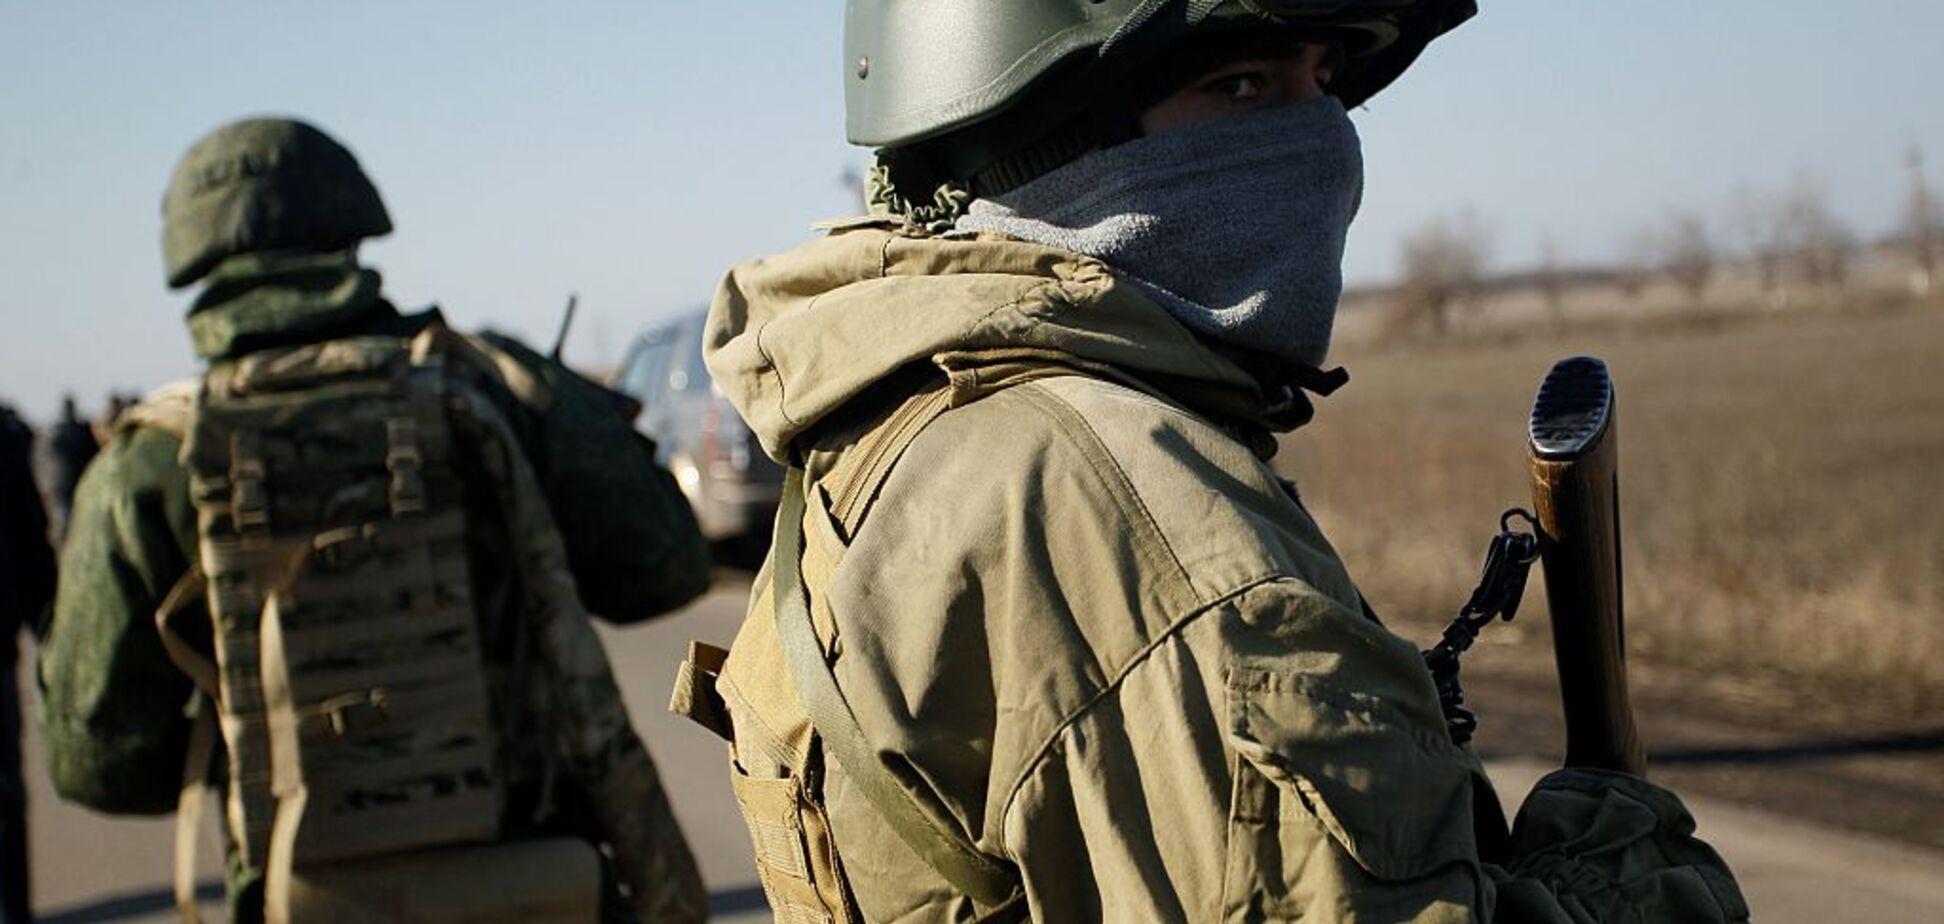 Обвинили 'украинскую ДРГ': террористы 'ДНР' понесли масштабные потери